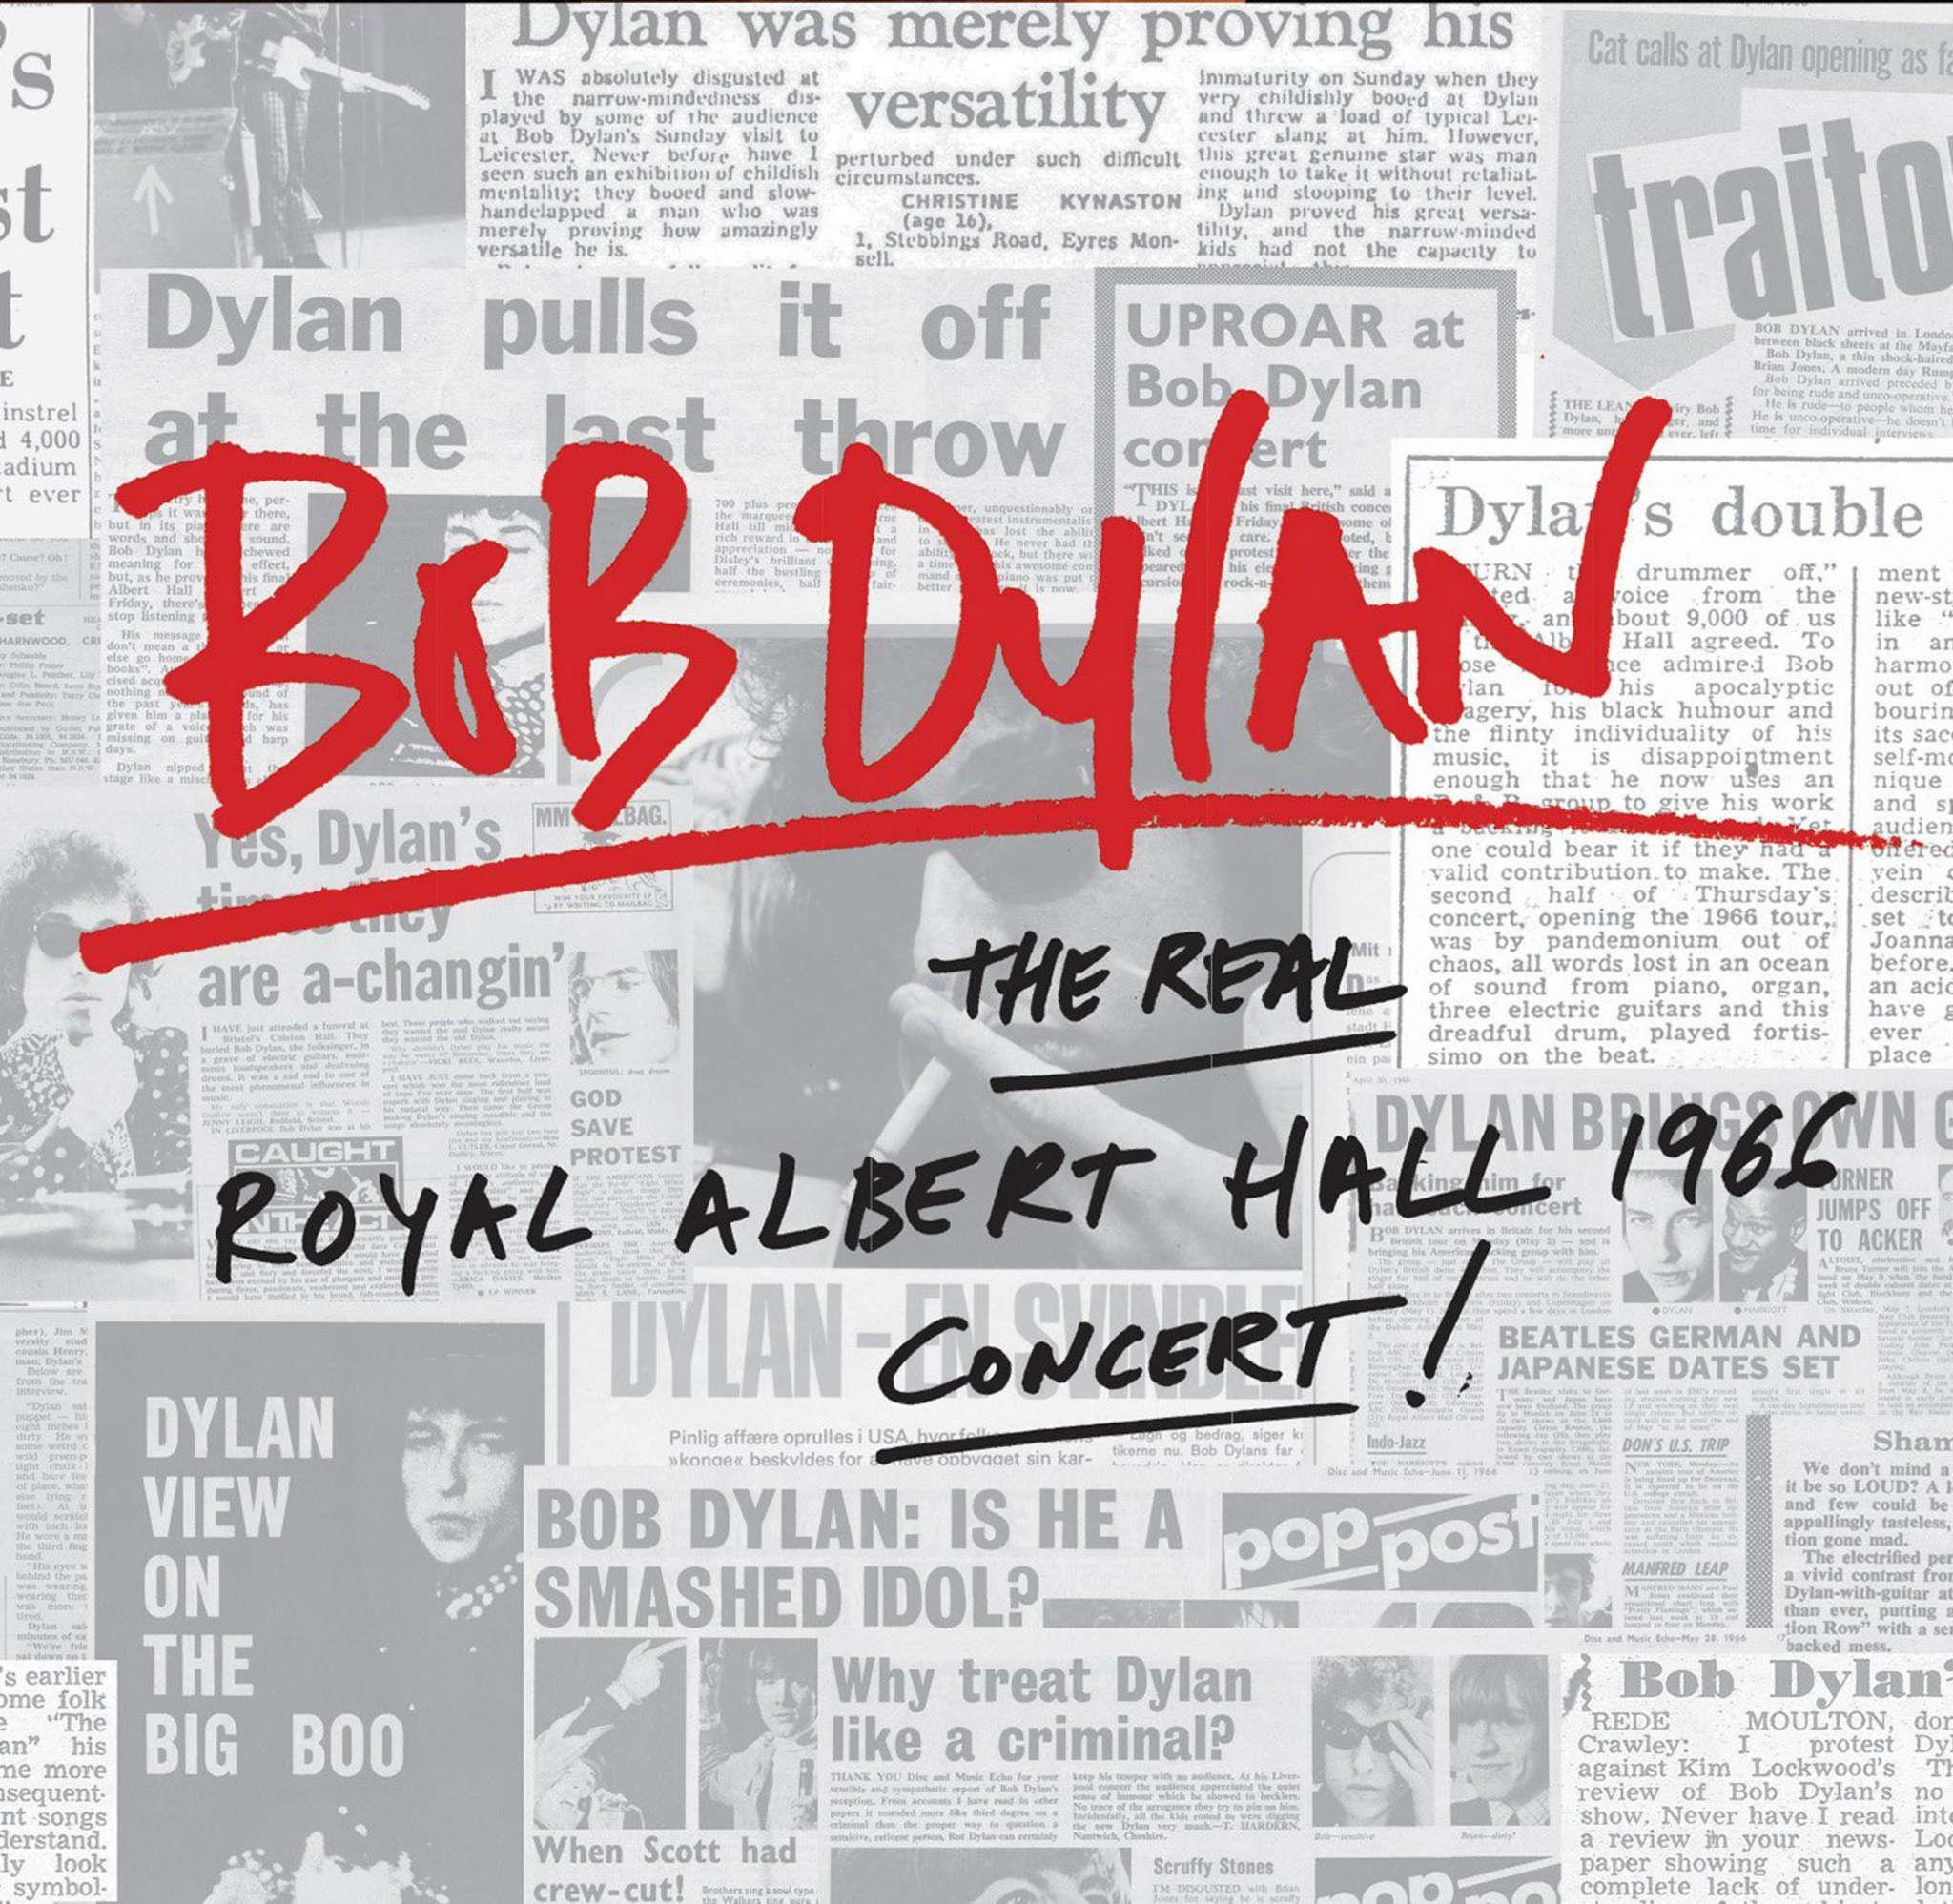 Bob Dylan: The Real Royal Albert Hall 1966 Concert!